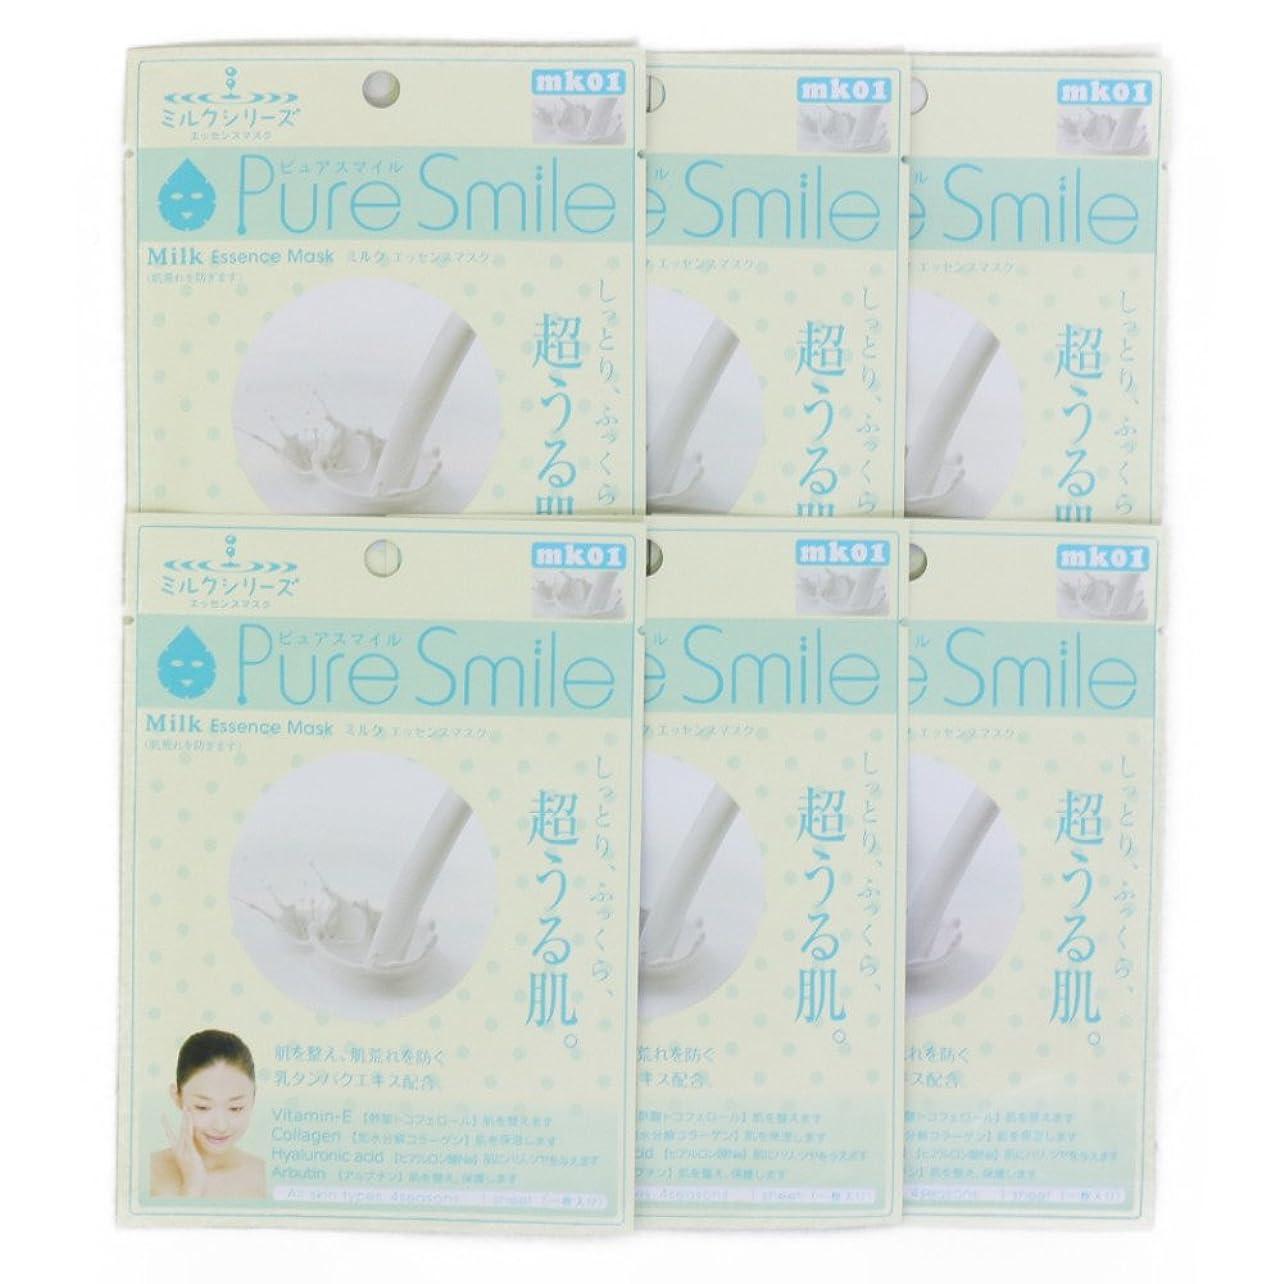 海洋のシェルター好意的Pure Smile ピュアスマイル ミルクエッセンスマスク ミルク 6枚セット